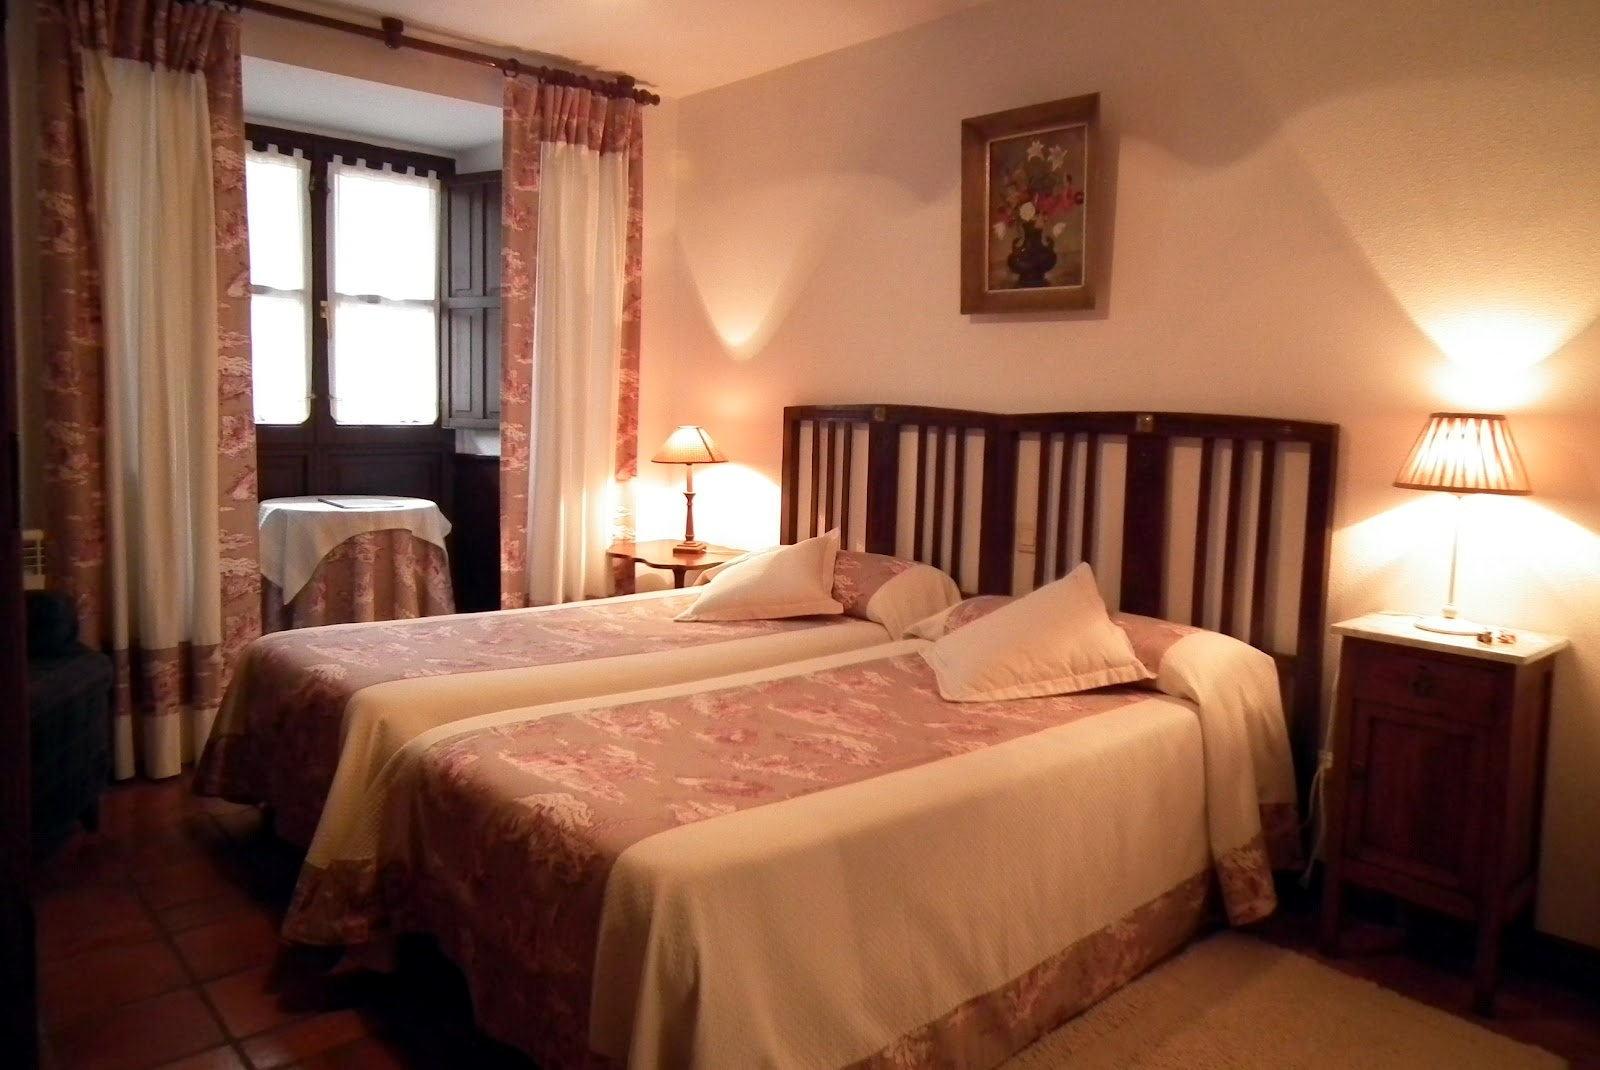 Posada de mu o habitaciones - Habitaciones dos camas ...